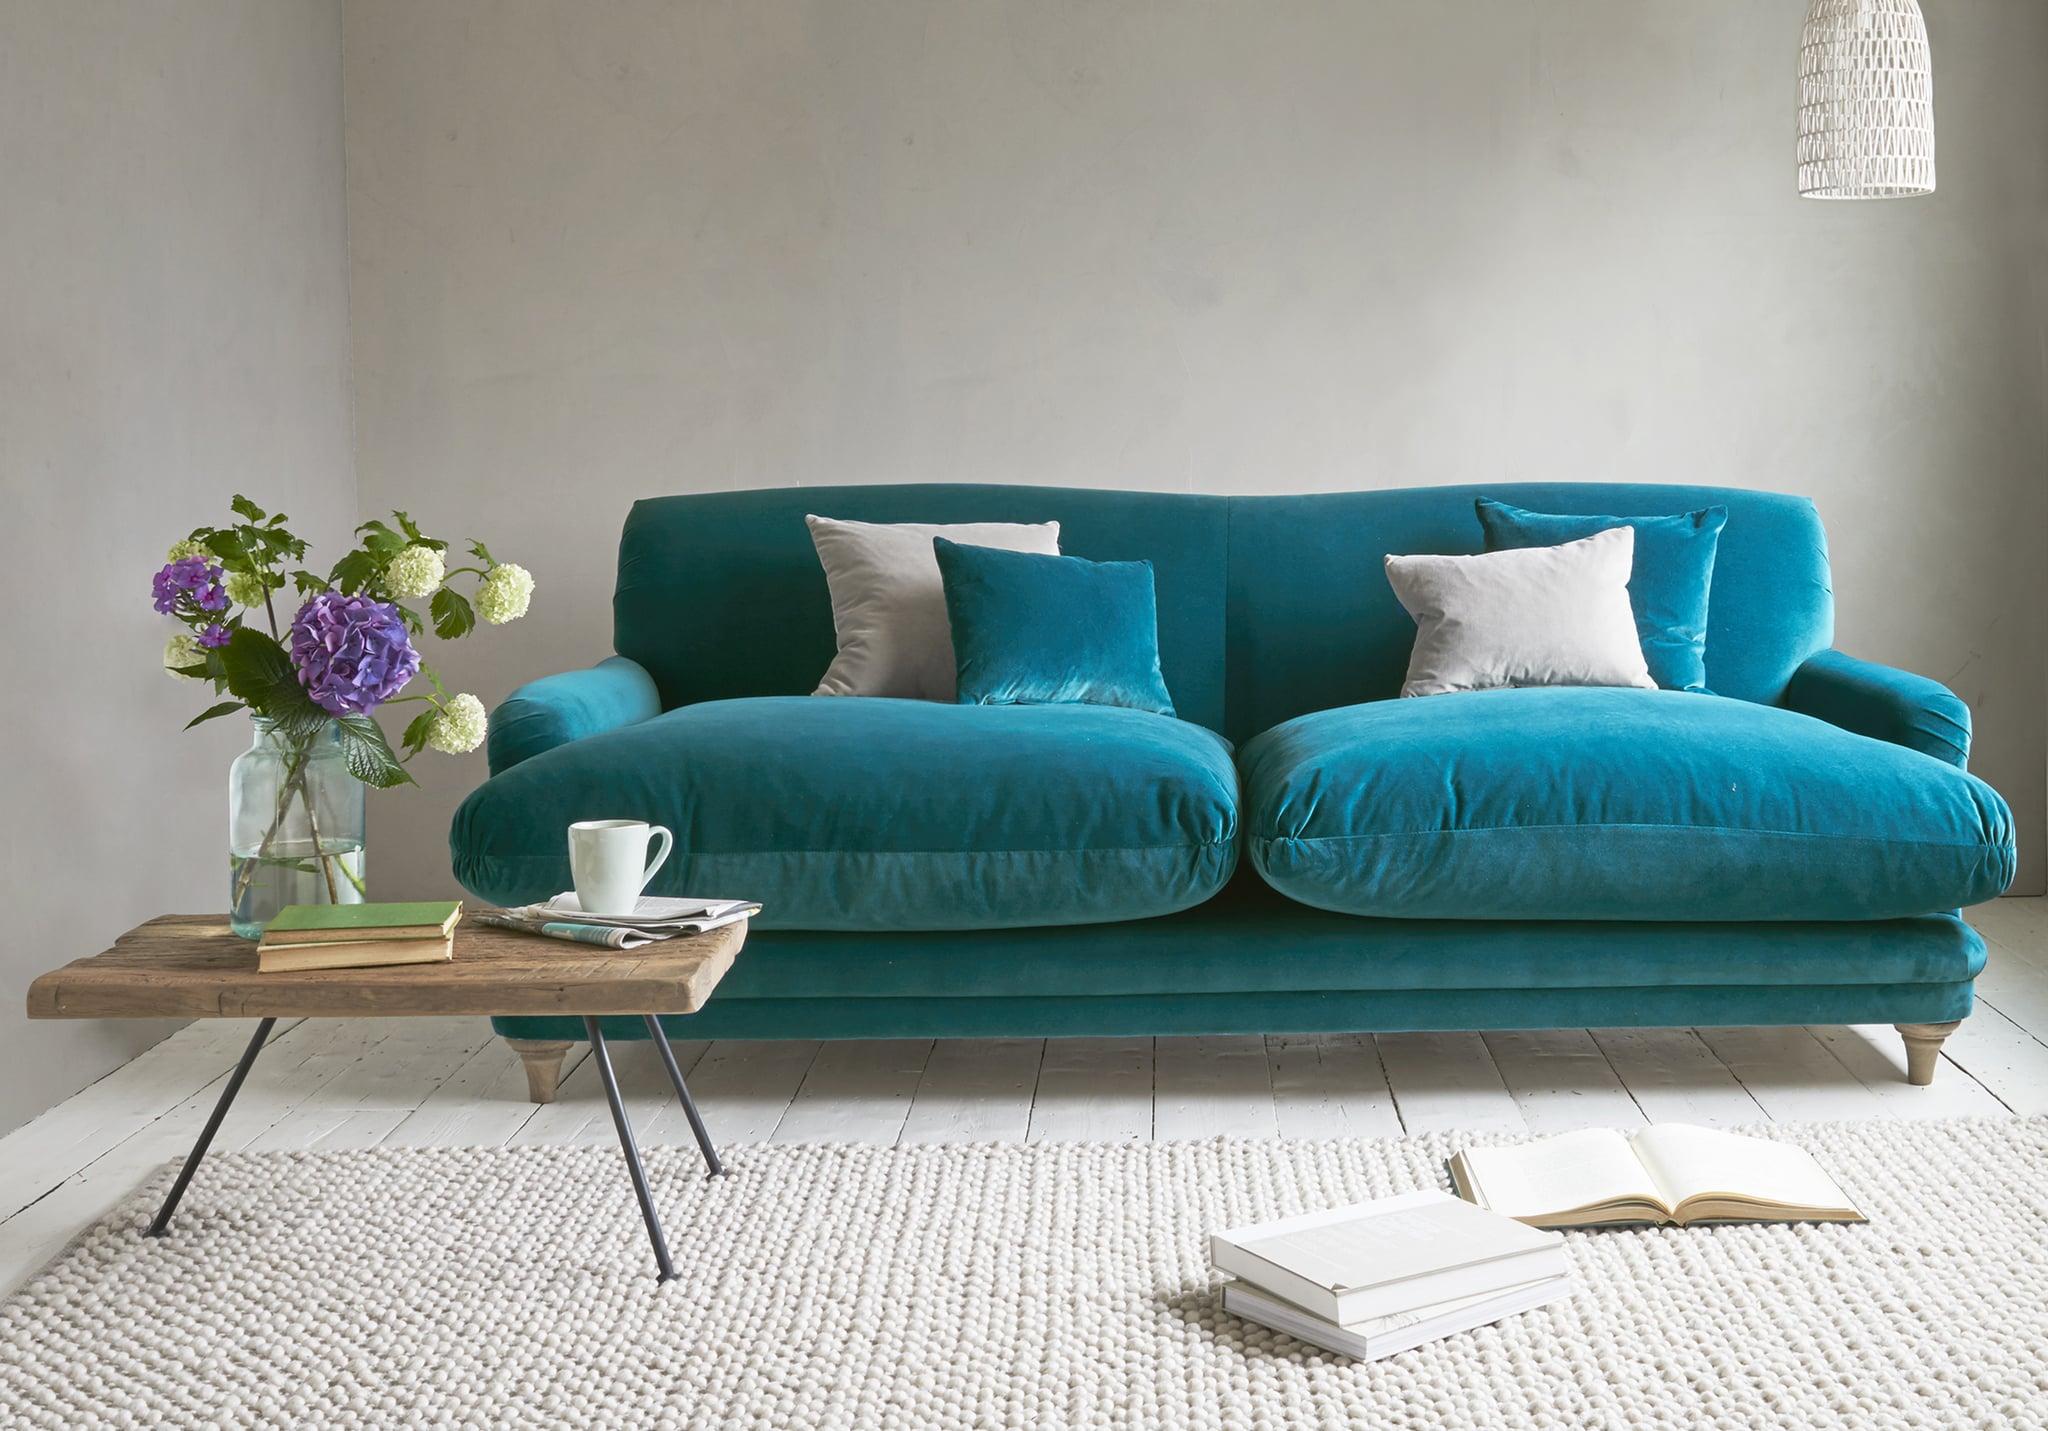 teal blue furniture. Teal Blue Furniture. Image Source: Courtesy Of Loaf Furniture Z L